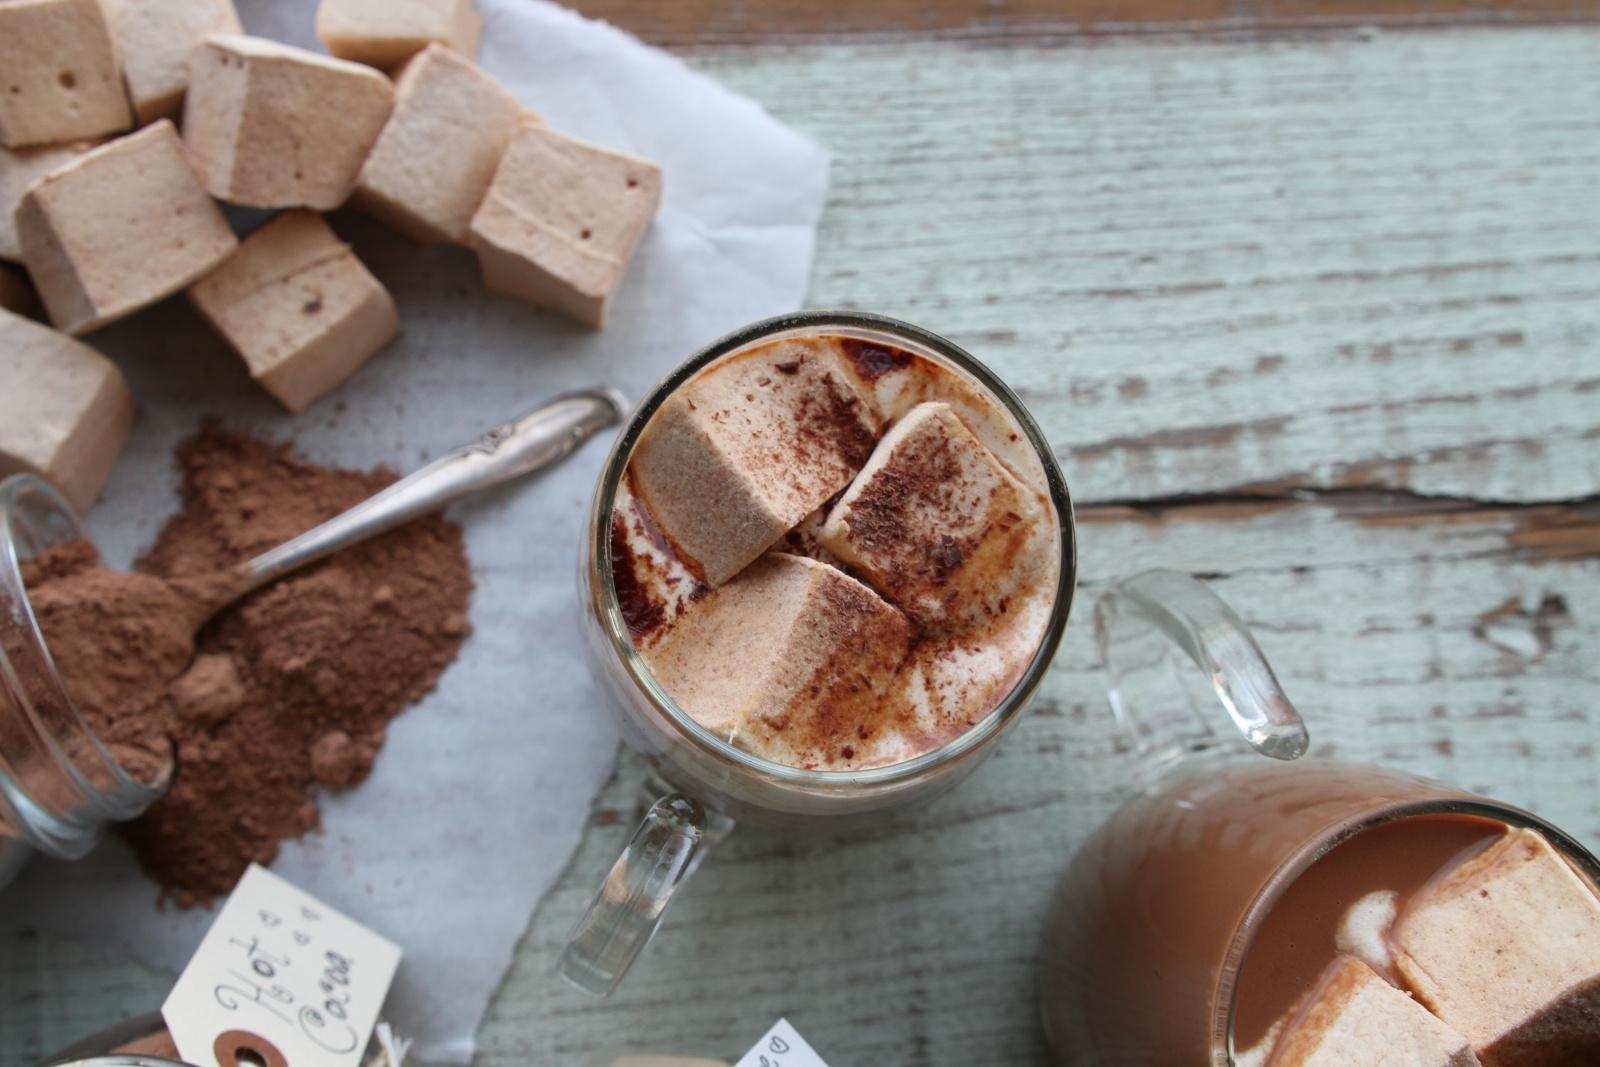 hot cocoa & marshmallows